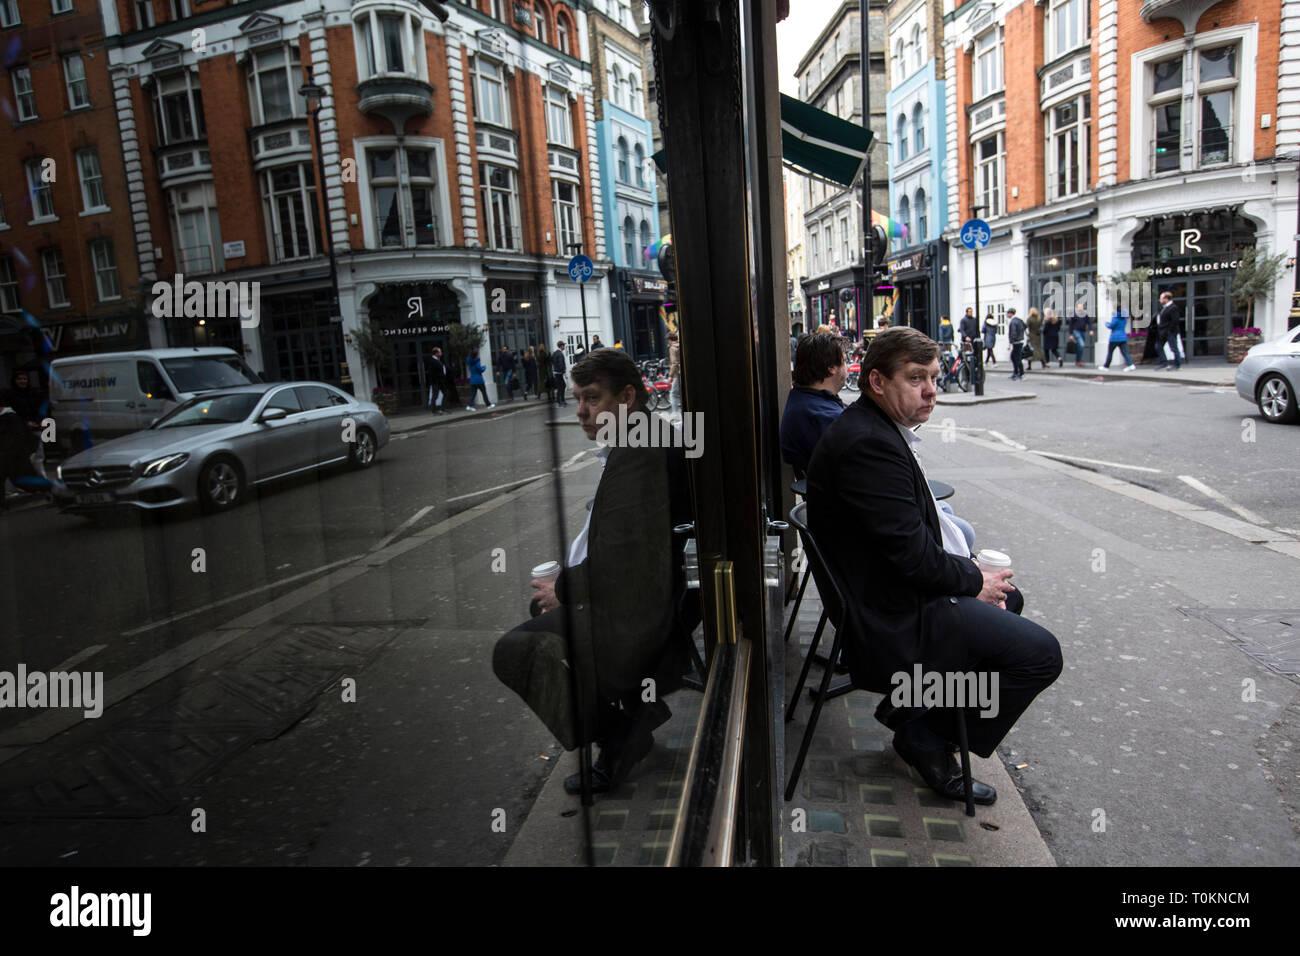 Wardour Street, Soho, London, UK - Stock Image